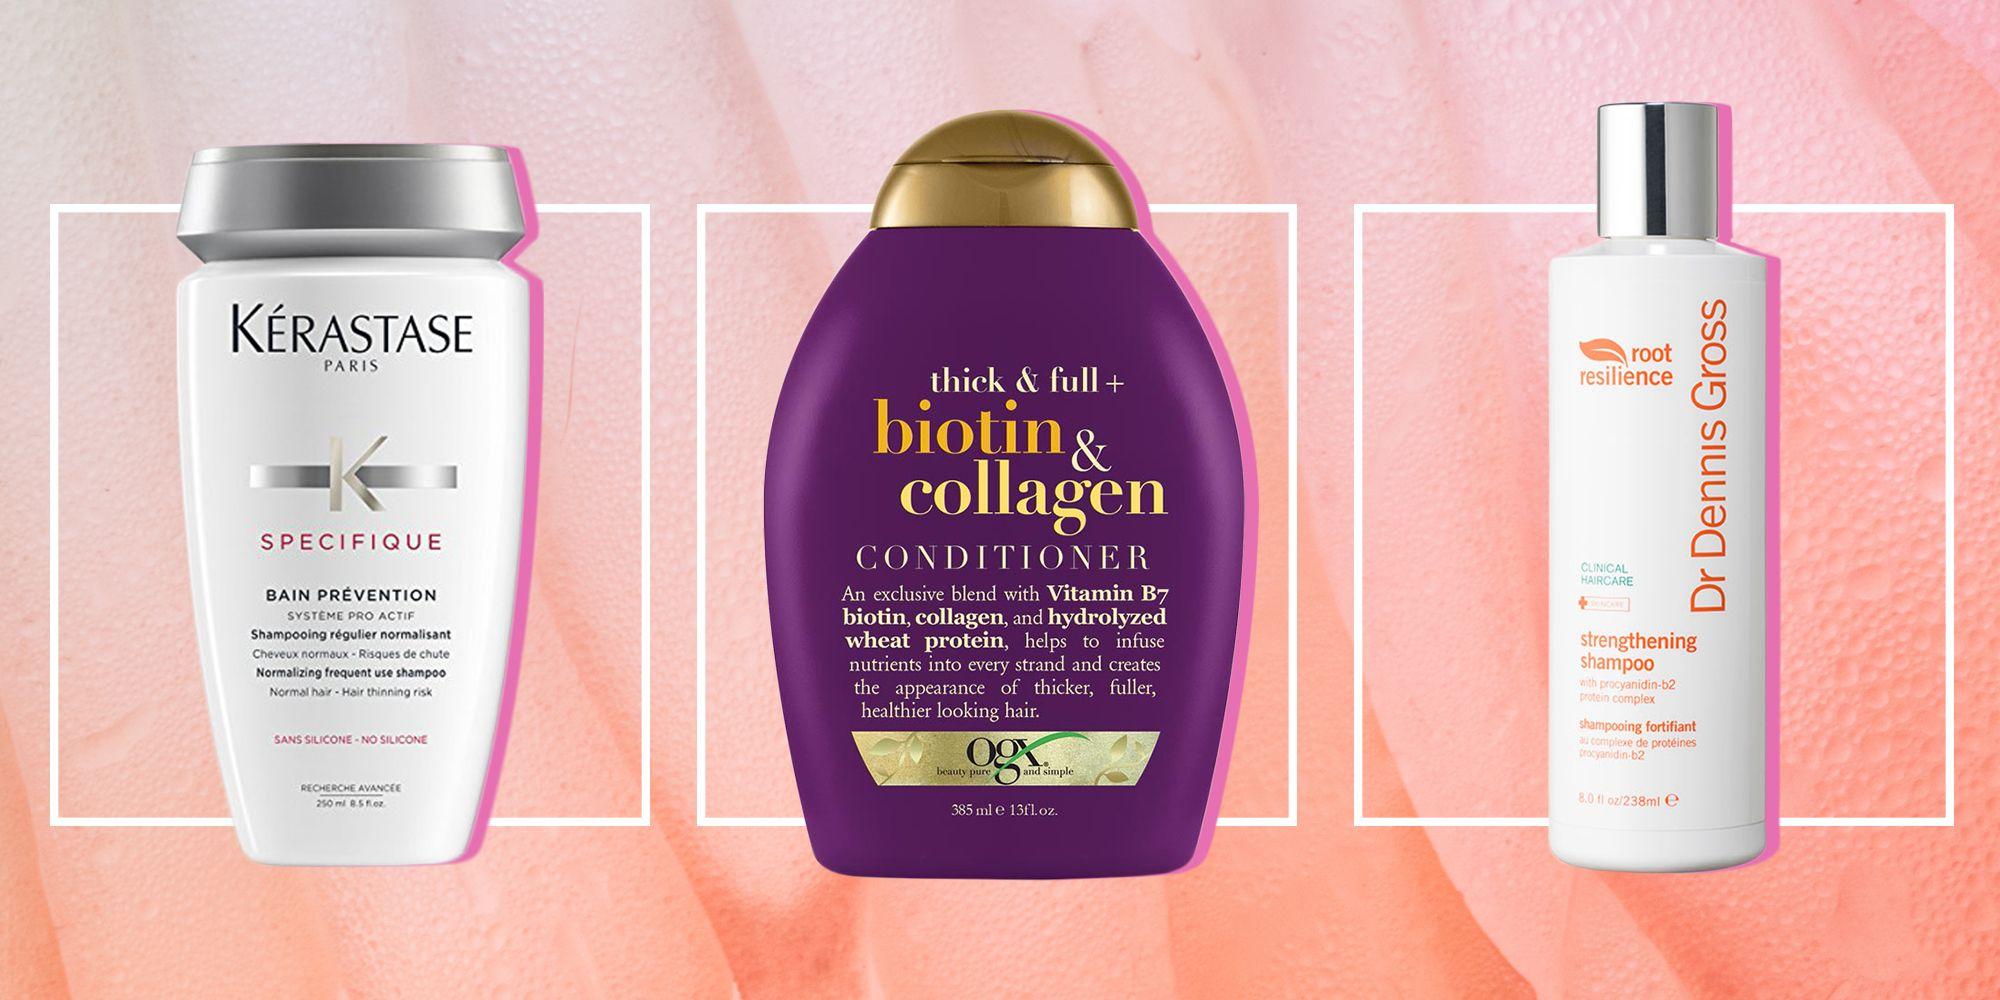 8 Hair Growth Shampoos That'll Make Your Hair Super Luscious